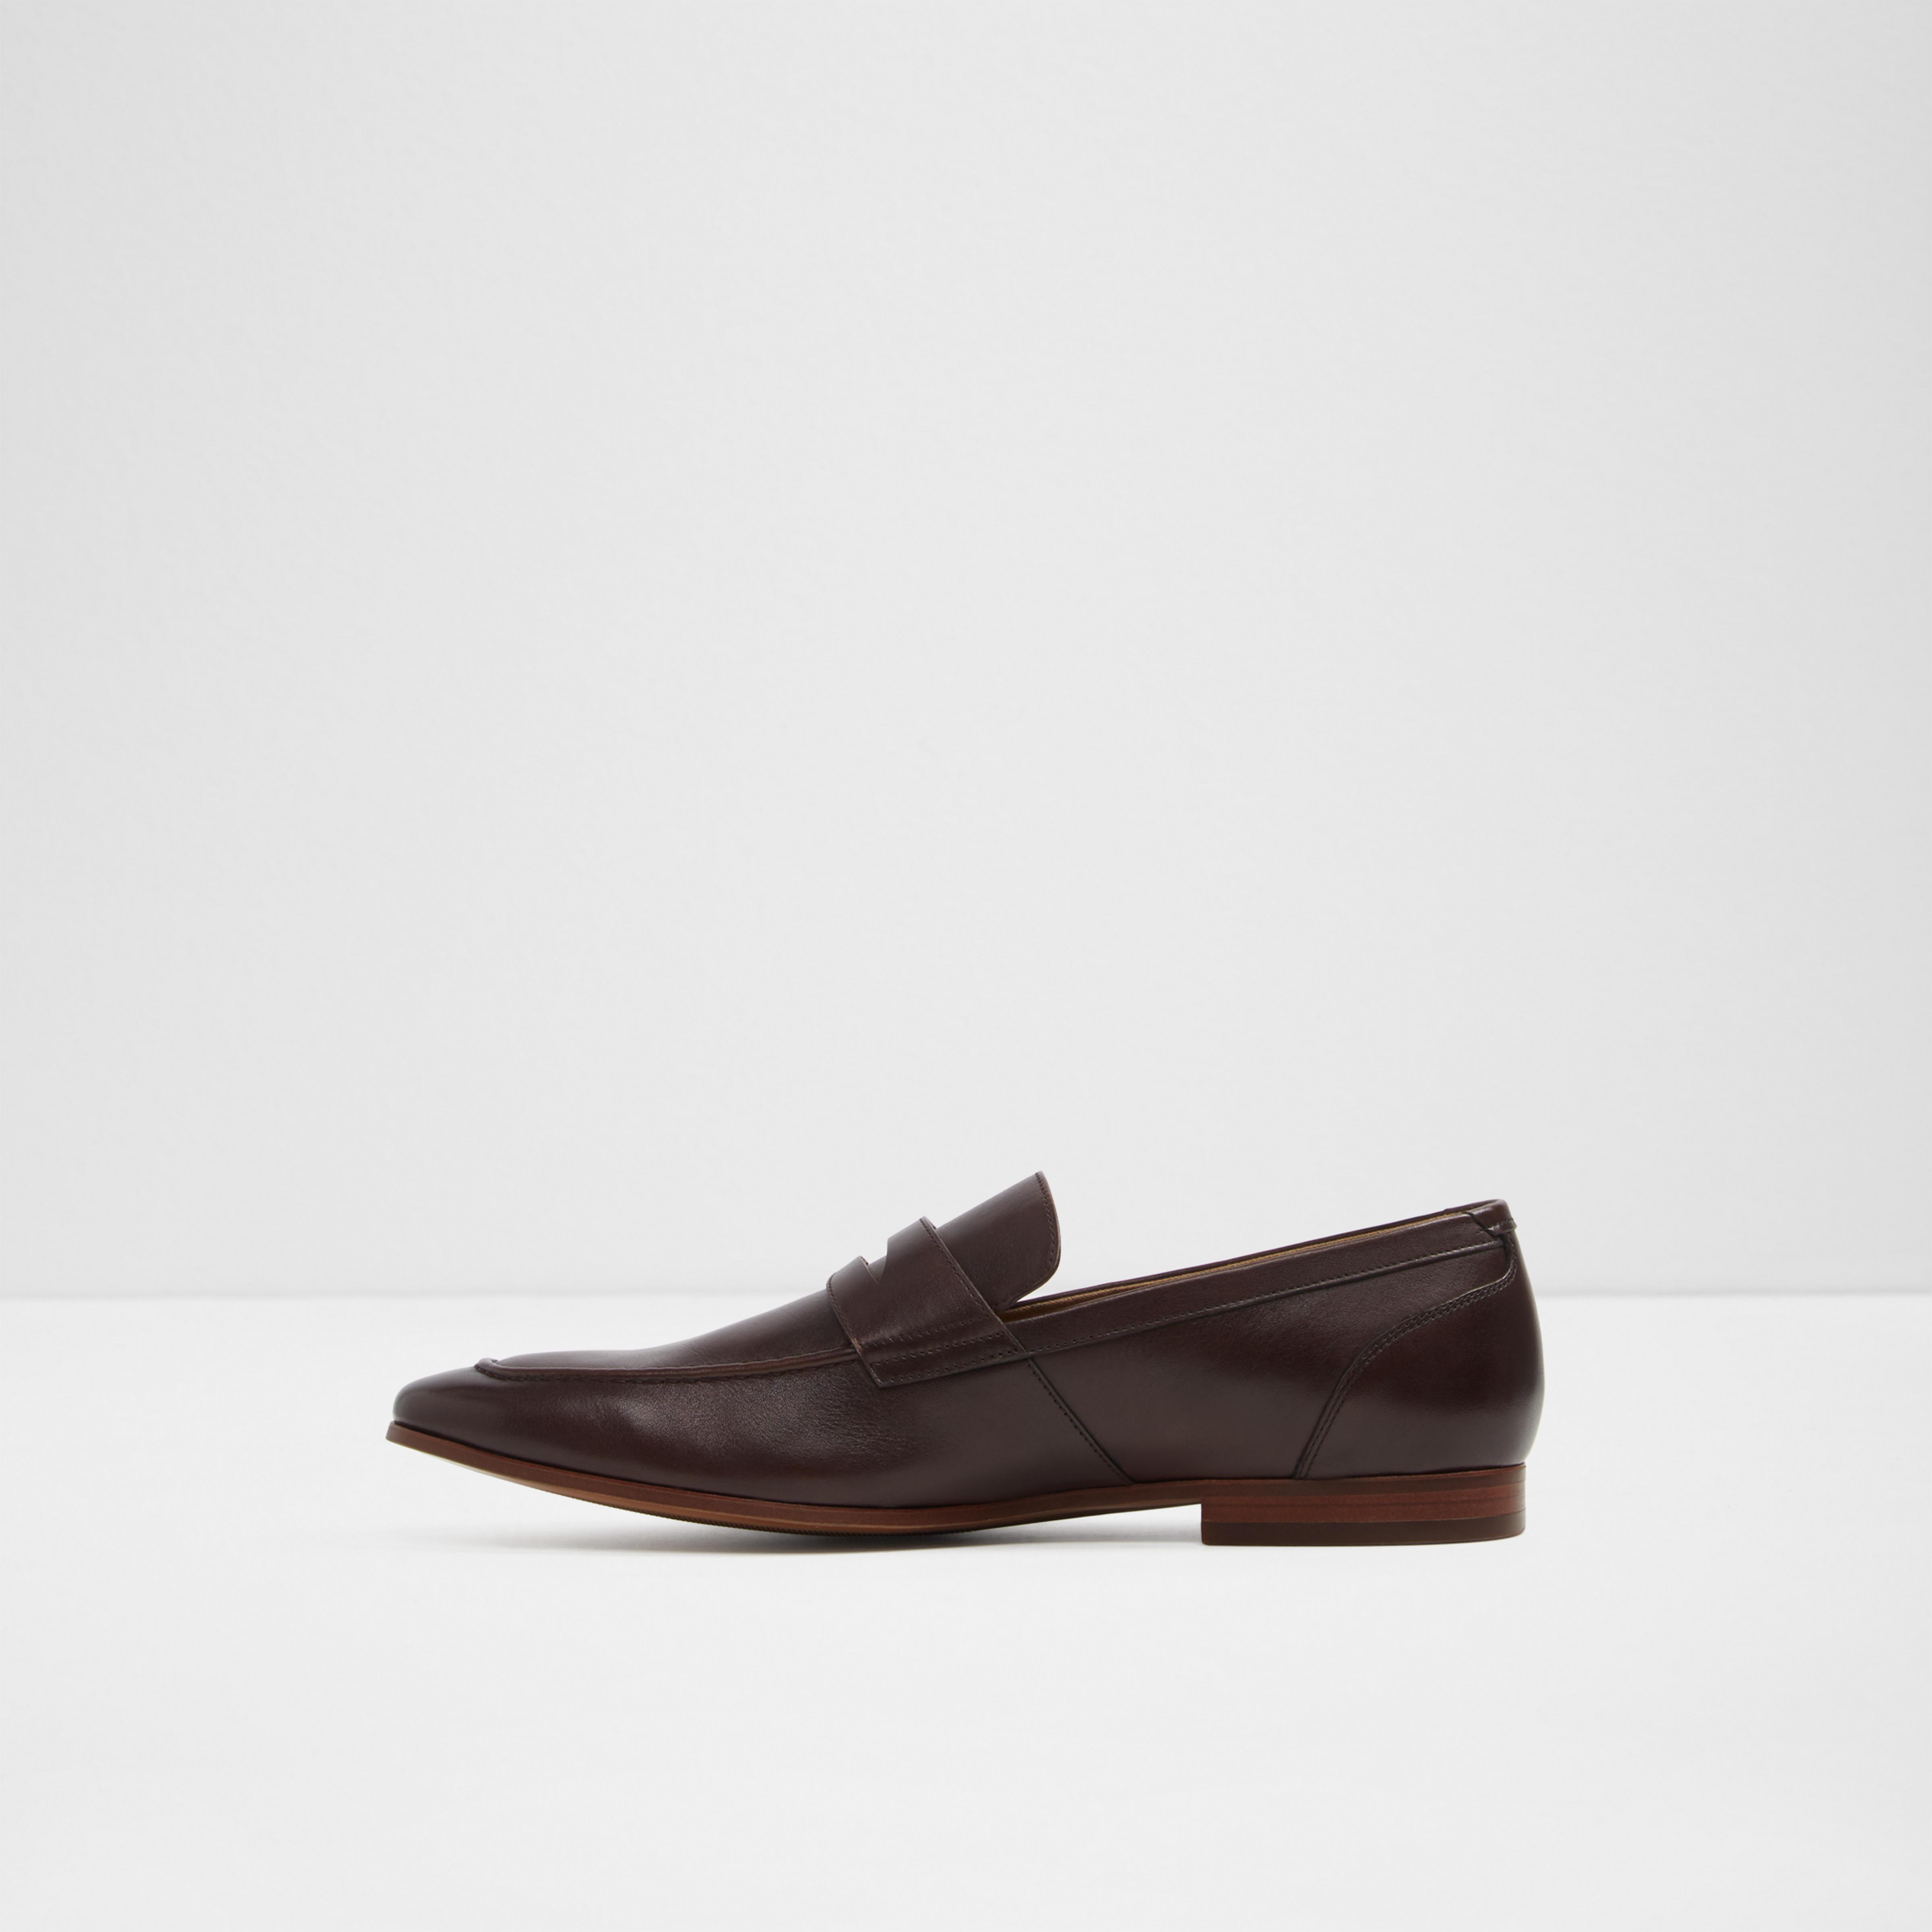 ALDO Satin Madolian in Brown for Men